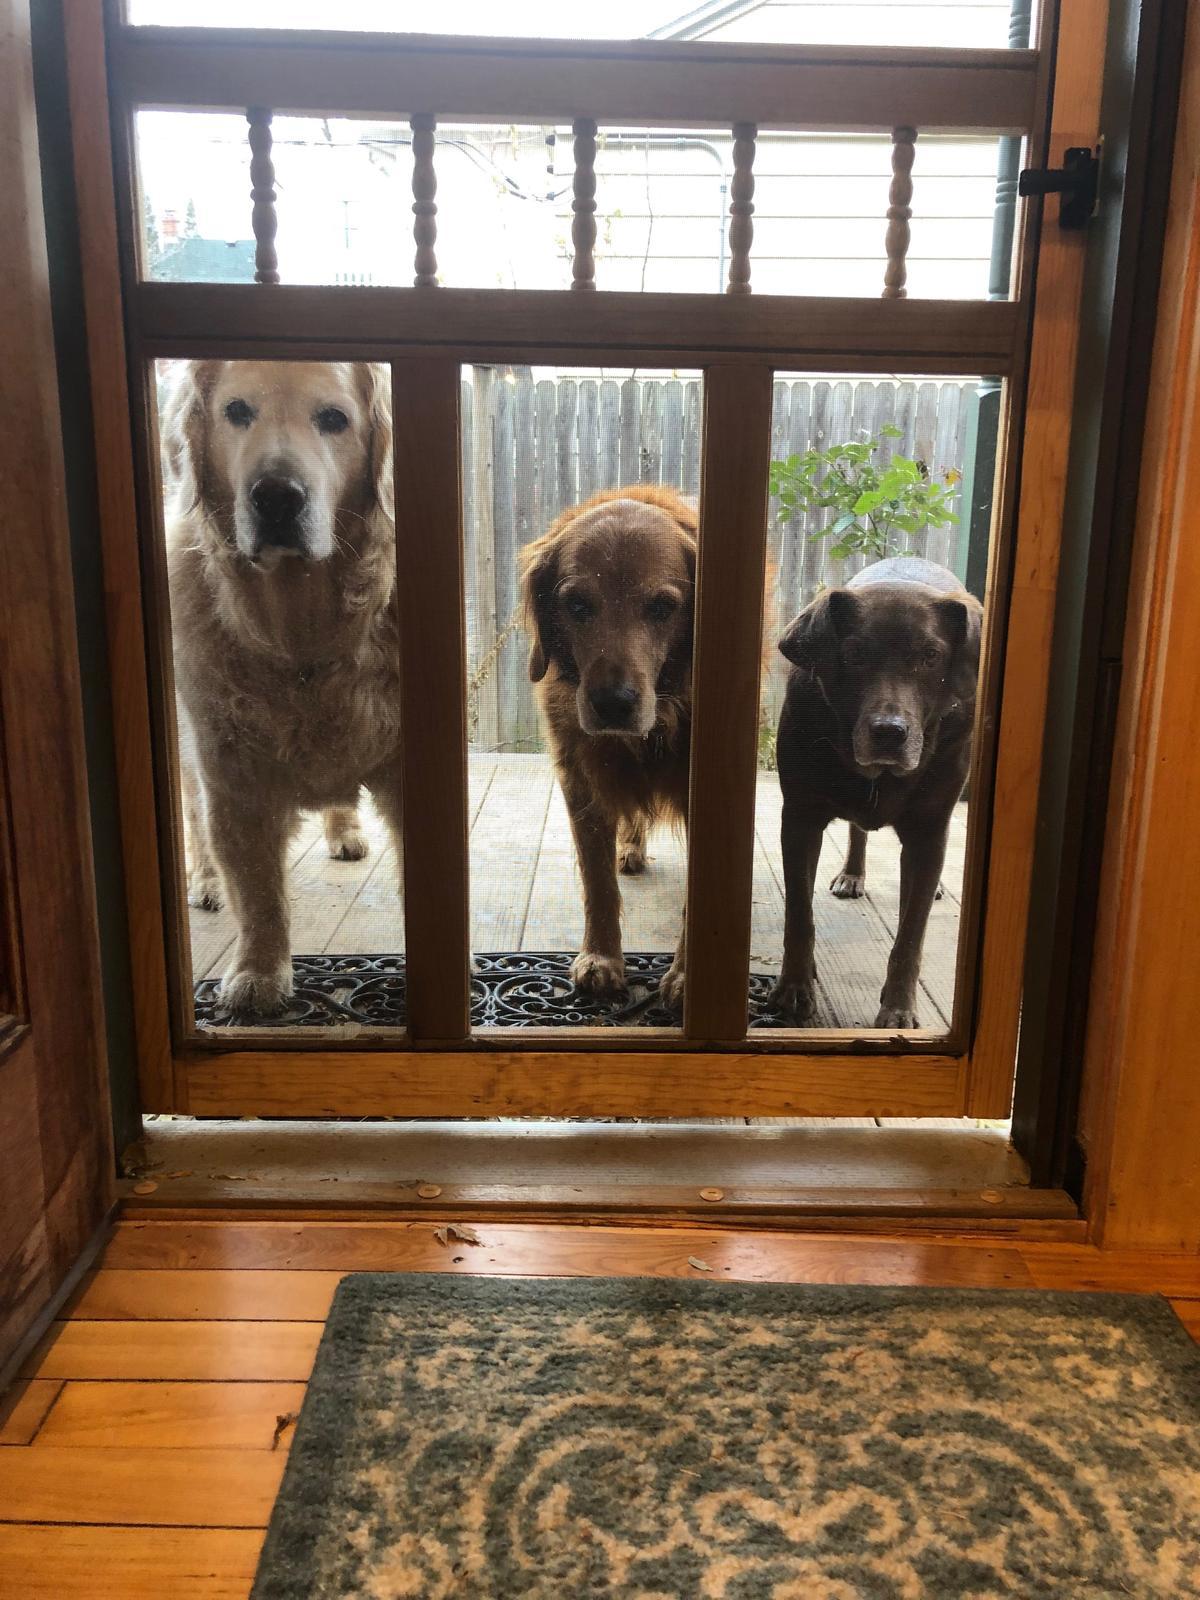 3 Pups